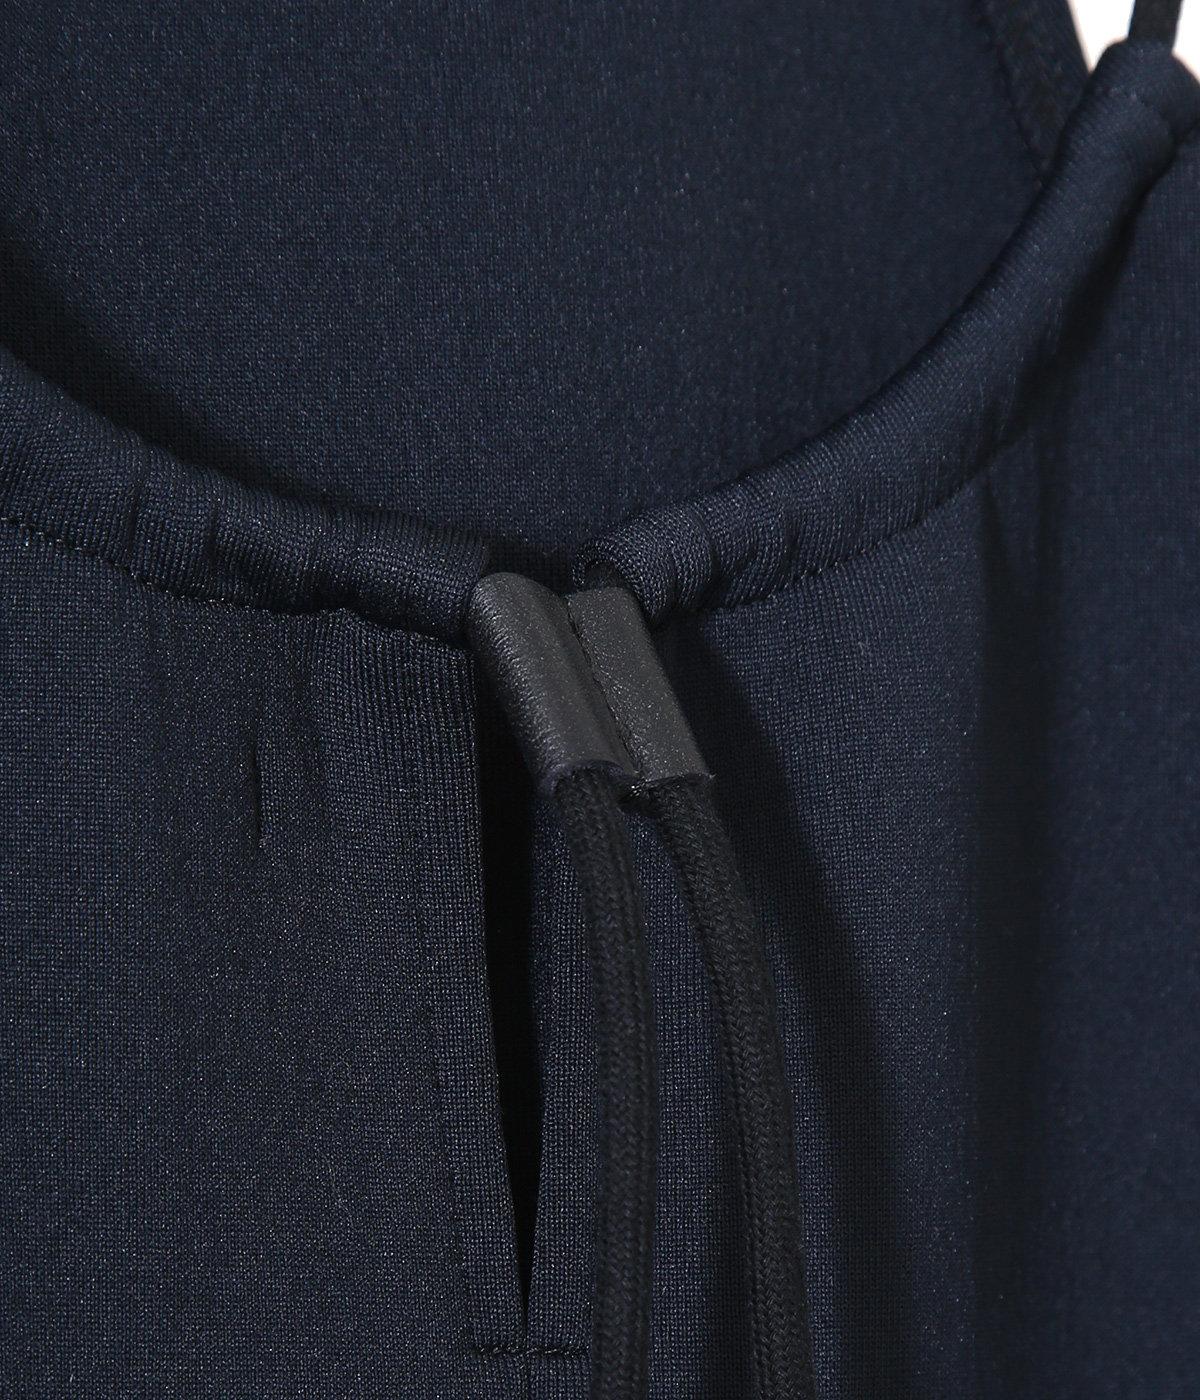 【レディース】SMOOTH NYLON DOUBLE KNIT HALTER NECK ONE-PIECE